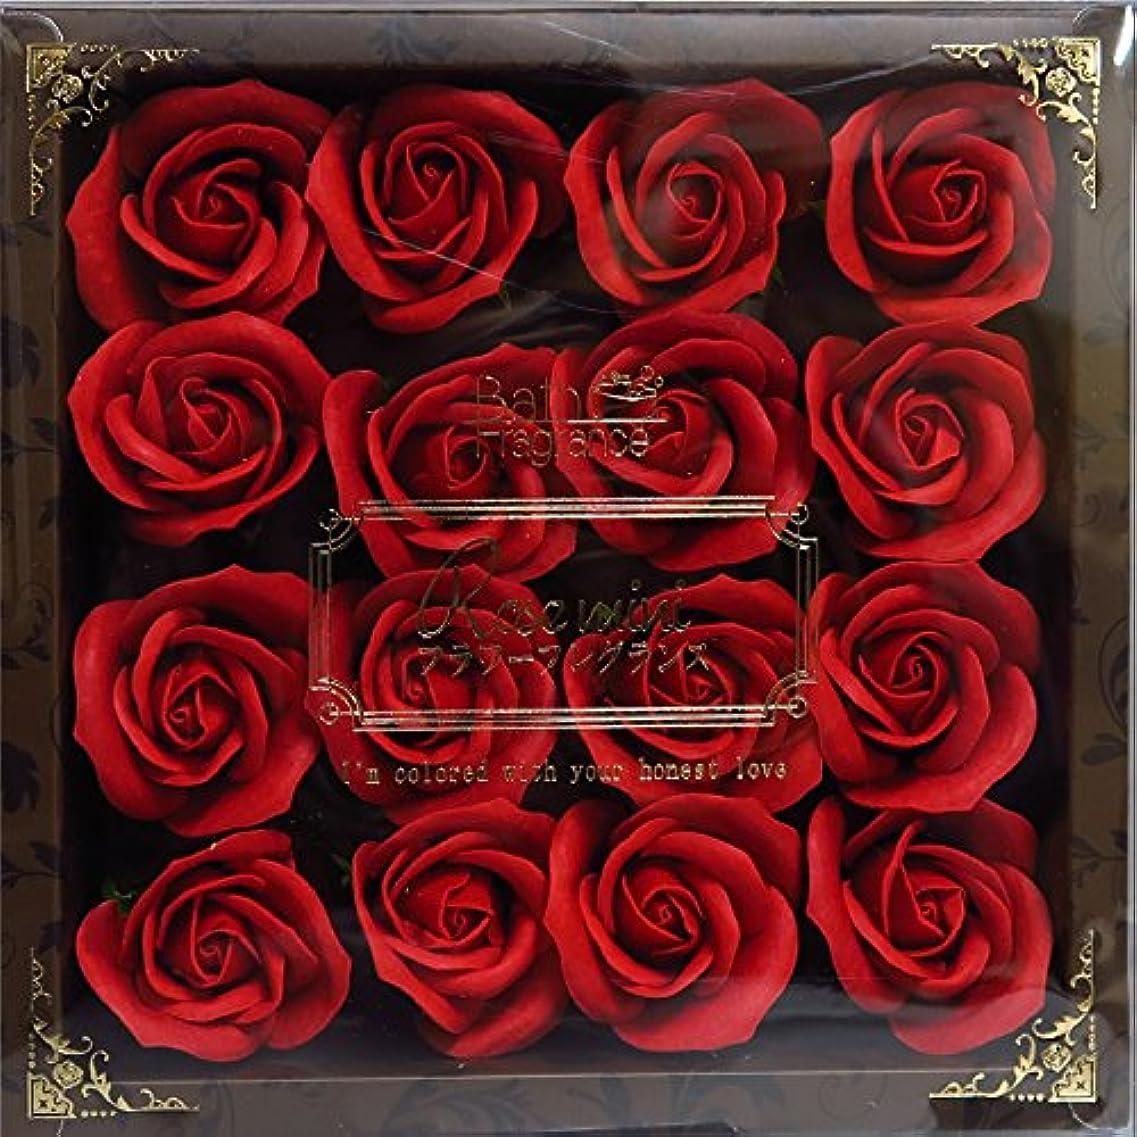 クリップエステート証明書バスフレグランス バスフラワー ミニローズフレグランス(M)レッド ギフト お花の形の入浴剤 プレゼント ばら